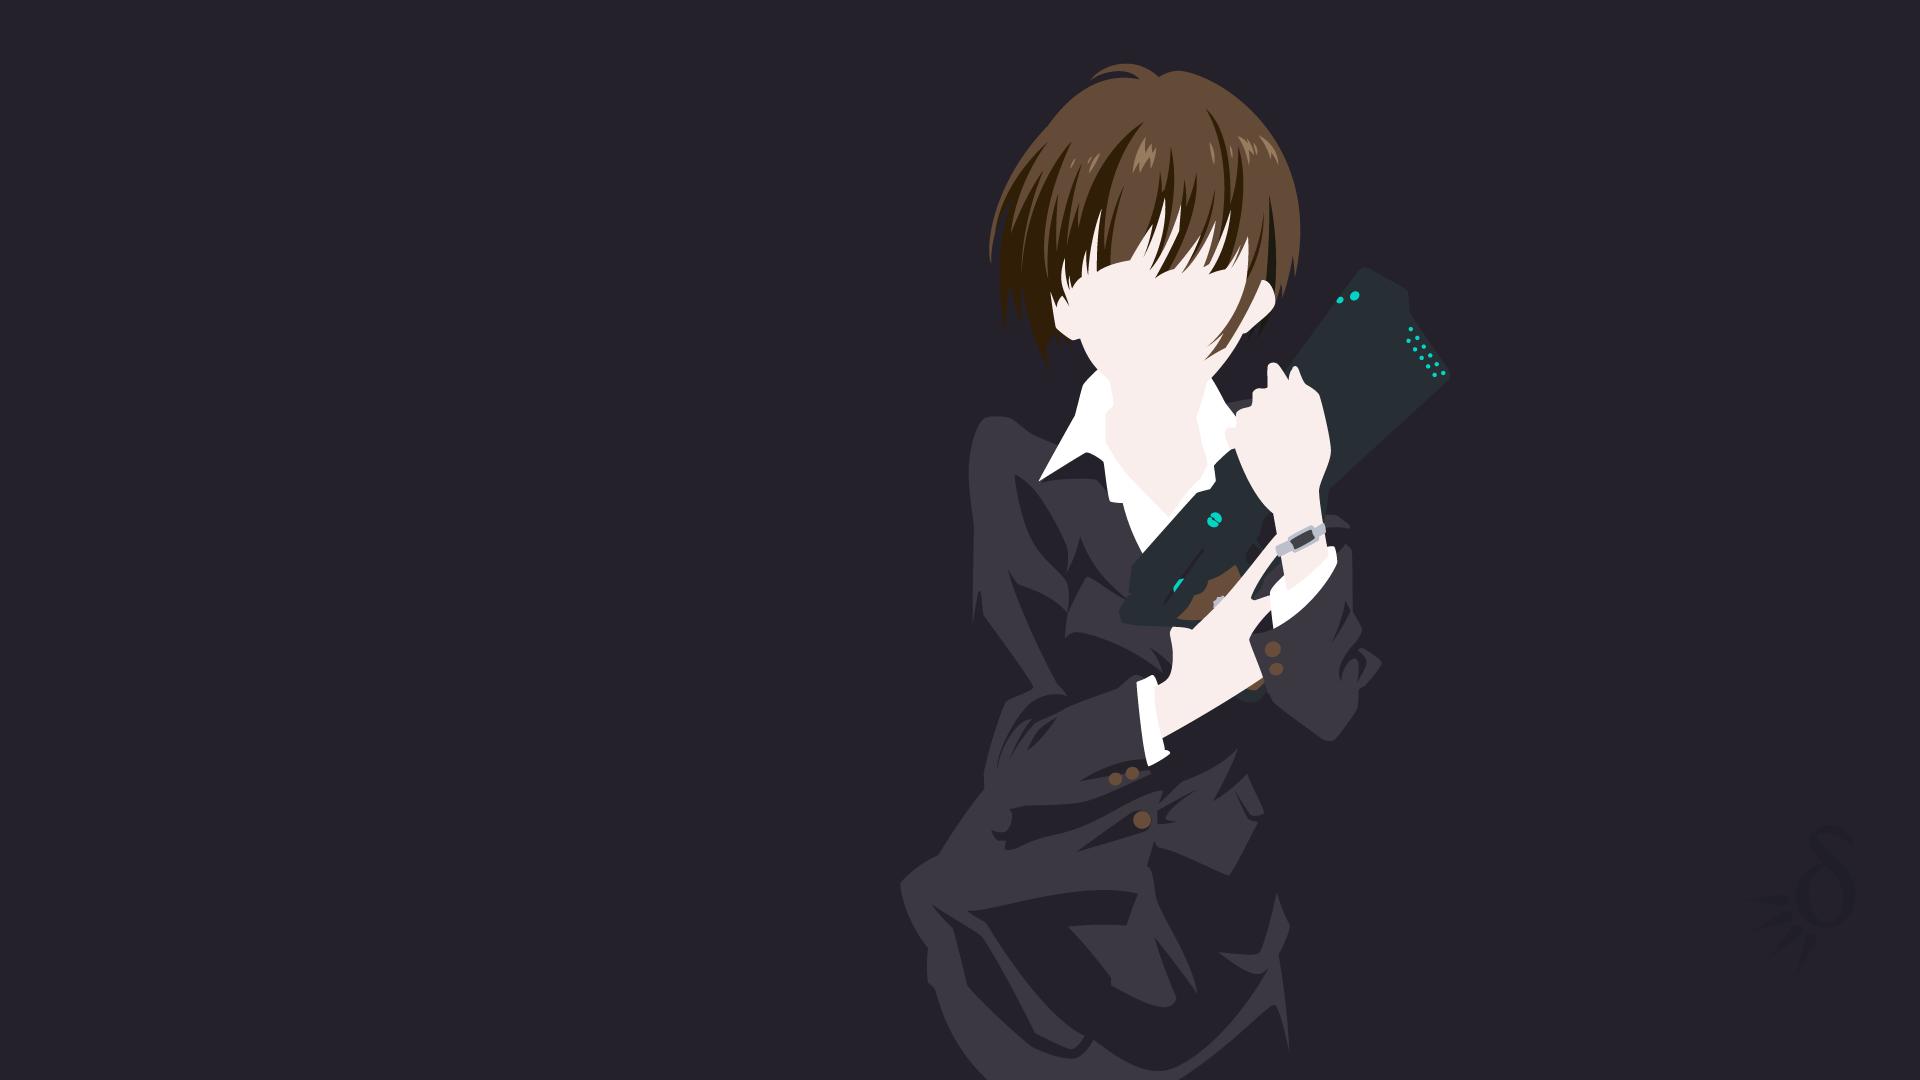 デスクトップ壁紙 図 アニメの女の子 つね絵茜 サイコパス